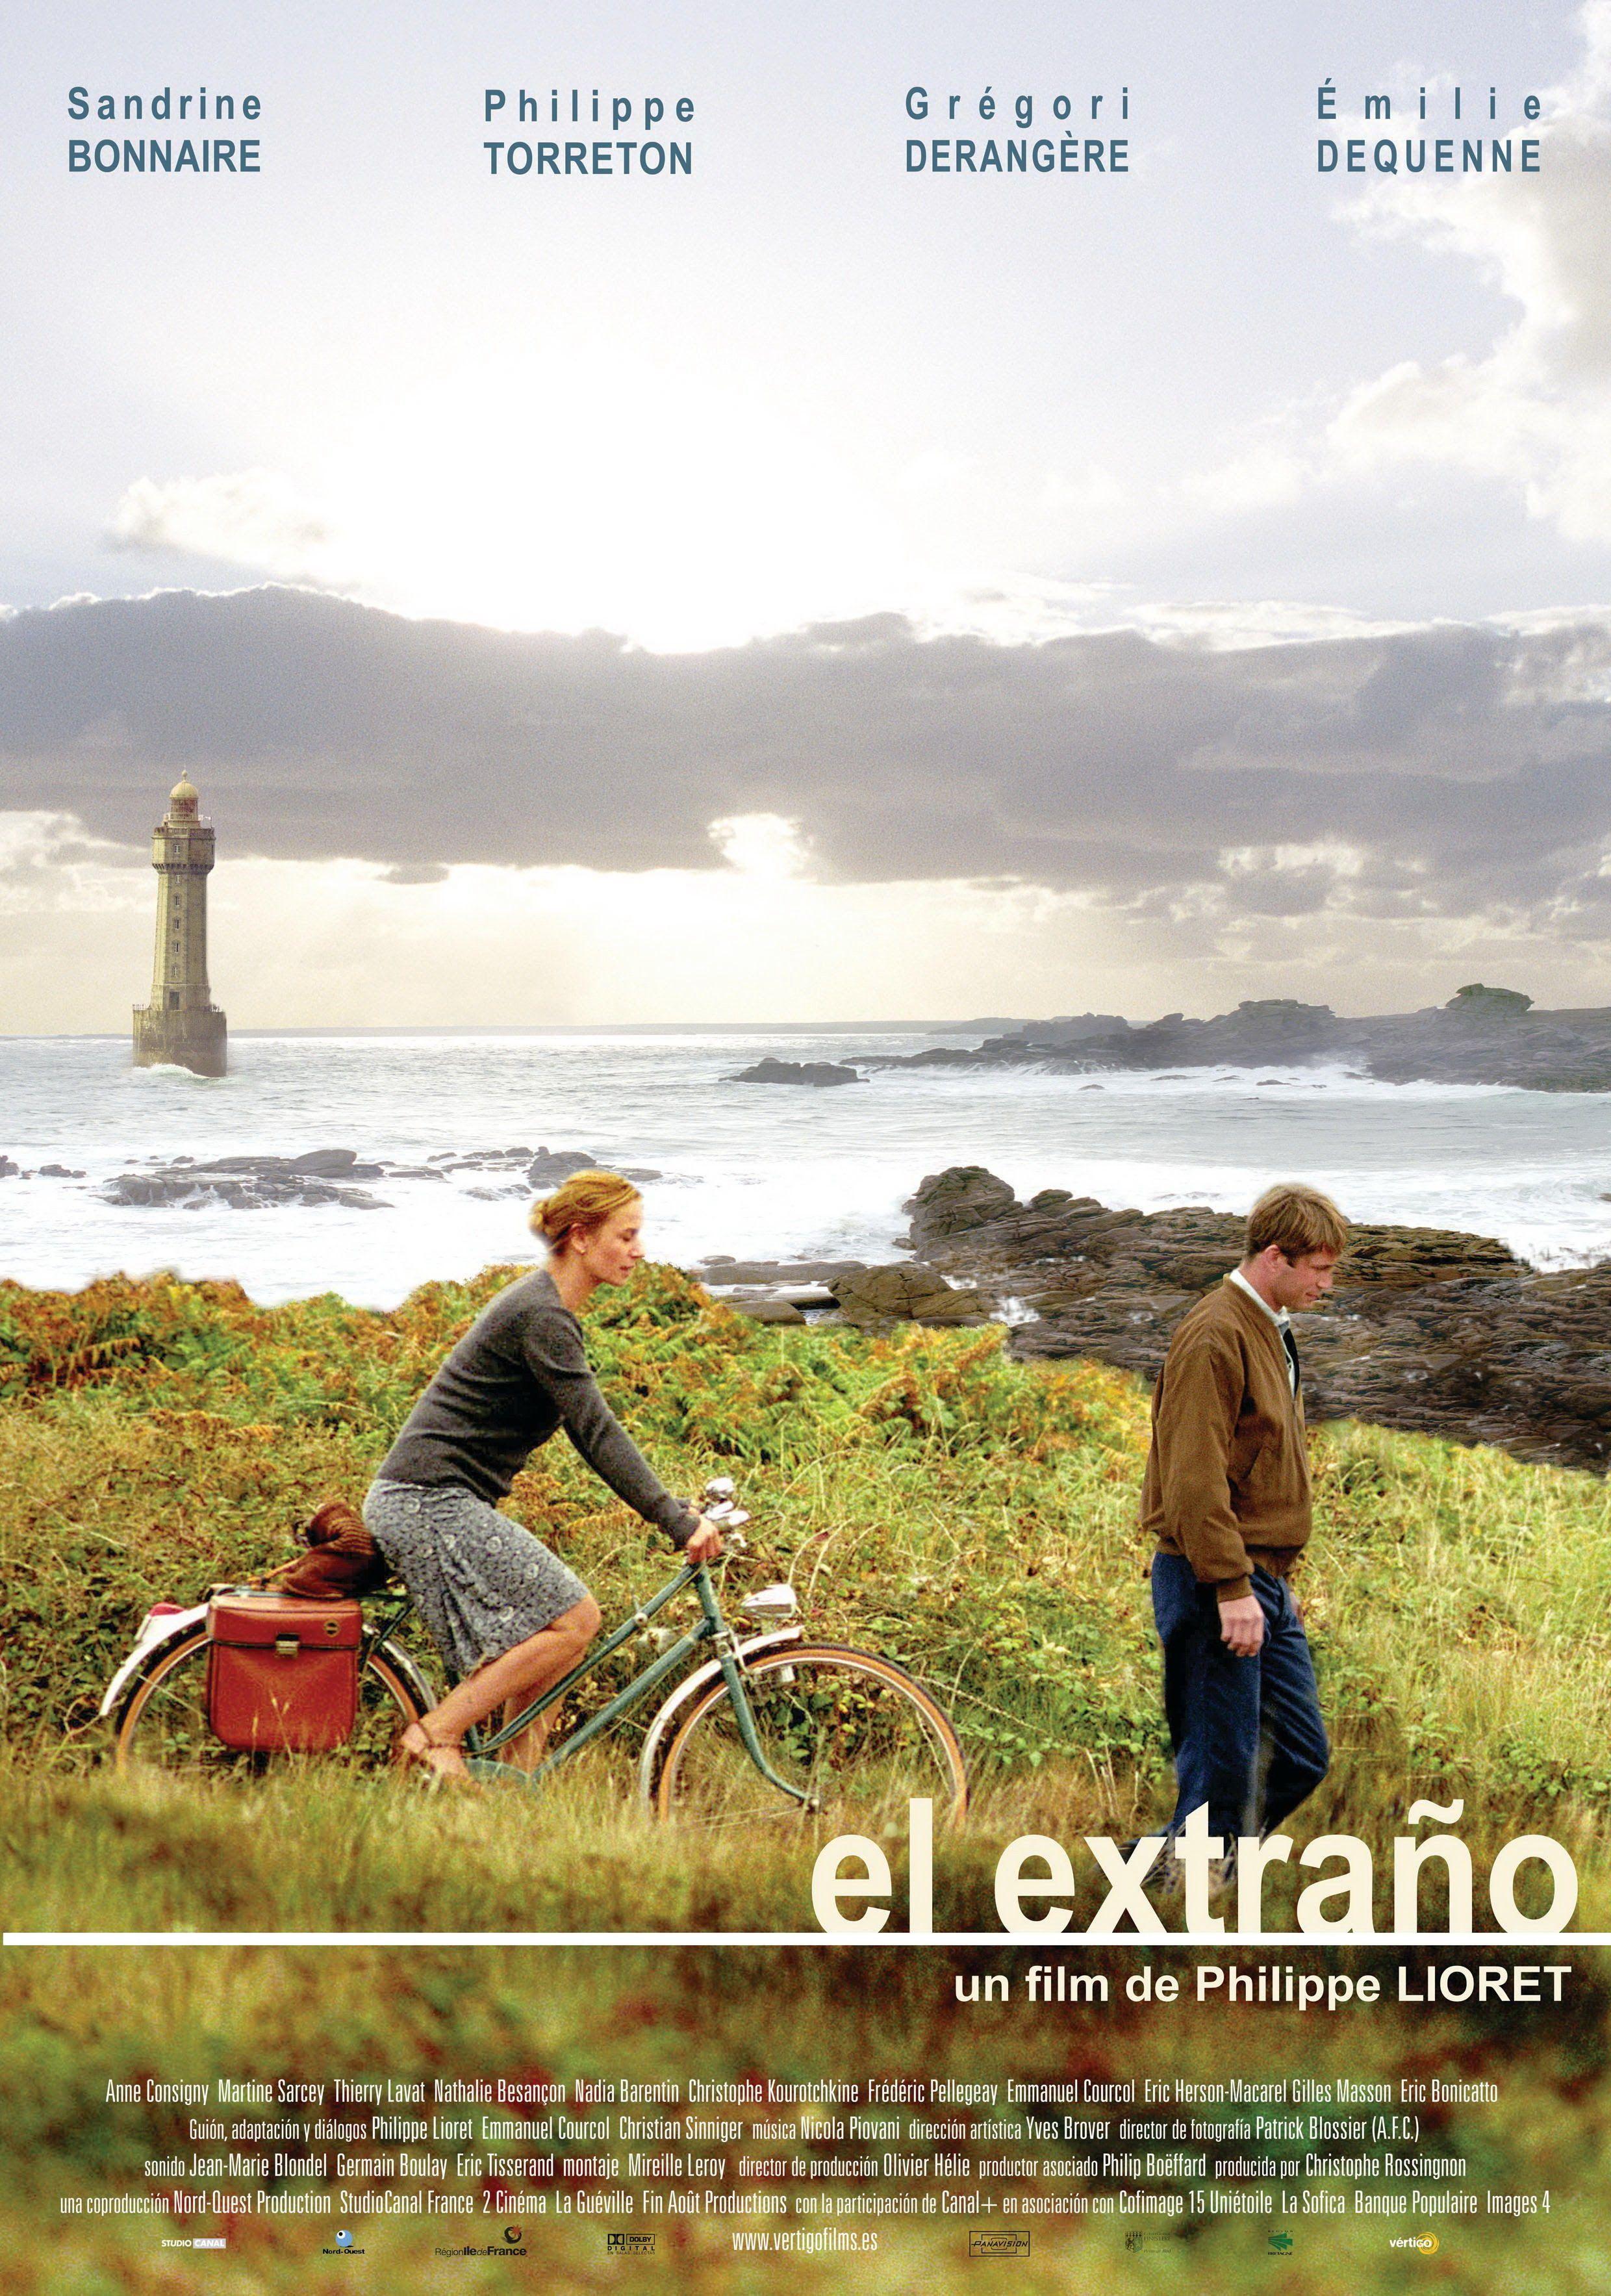 2004 / El extraño - L' Equipier